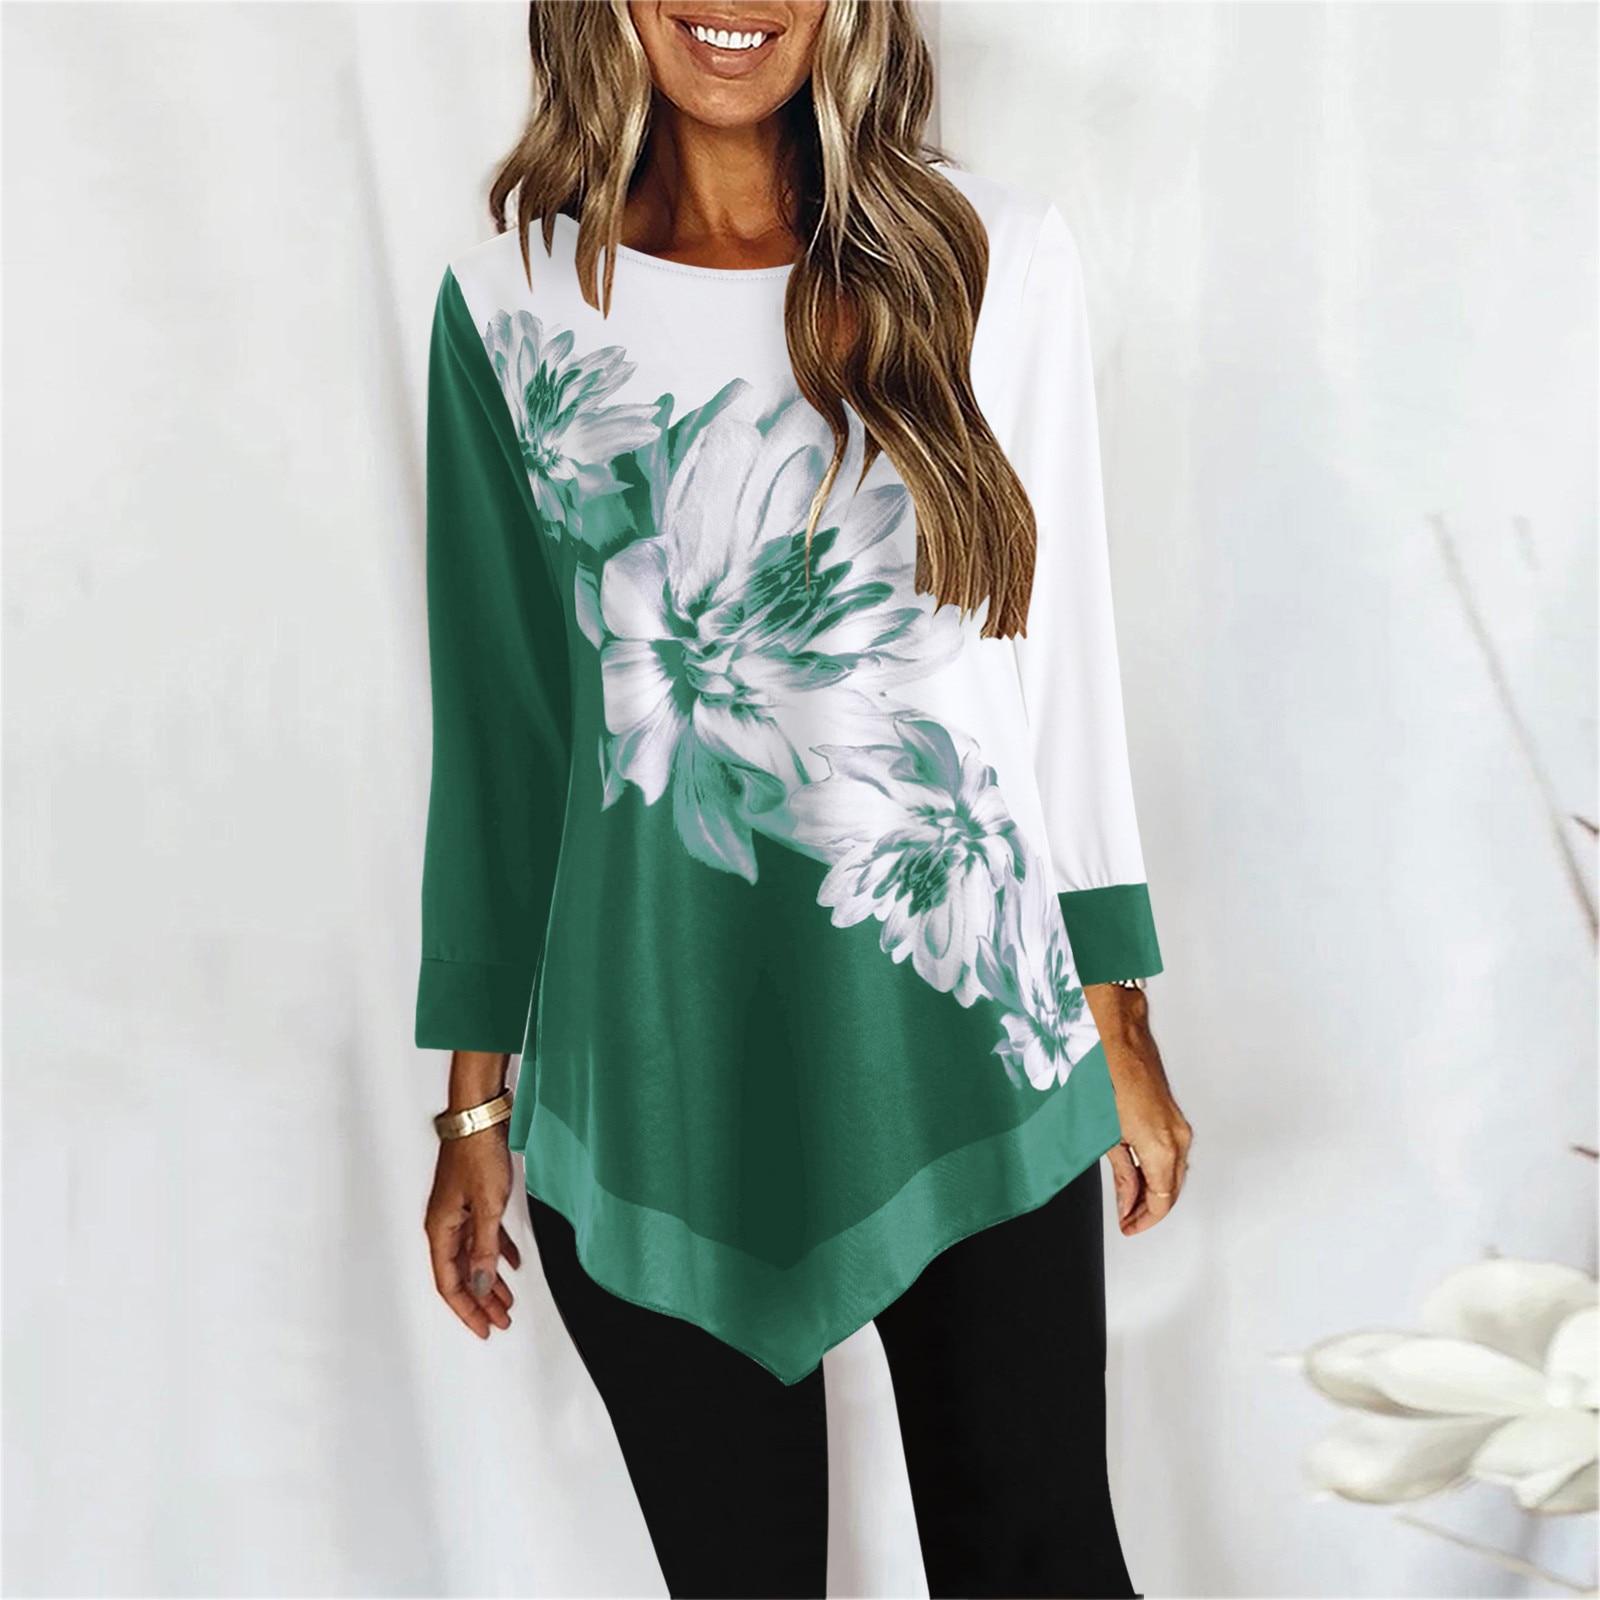 Blusa informal De manga larga con estampado Floral para verano, camisa con...